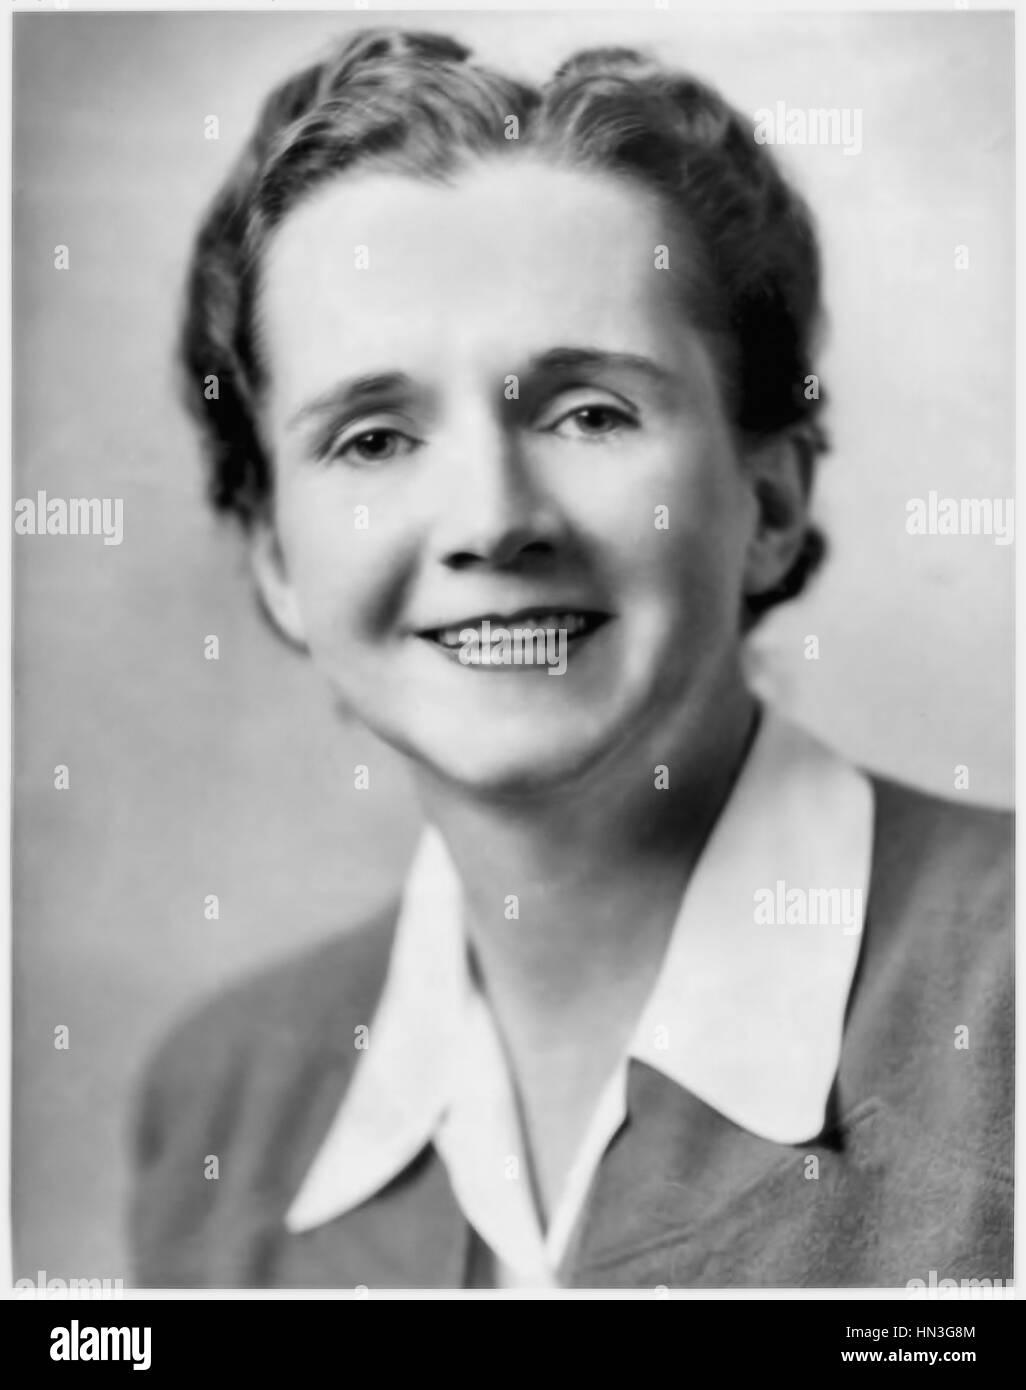 Rachel Carson (1907-1964) biologiste marin américain et auteur de 'Silent Spring' (1962) sur les dommages environnementaux causés par les pesticides. Banque D'Images